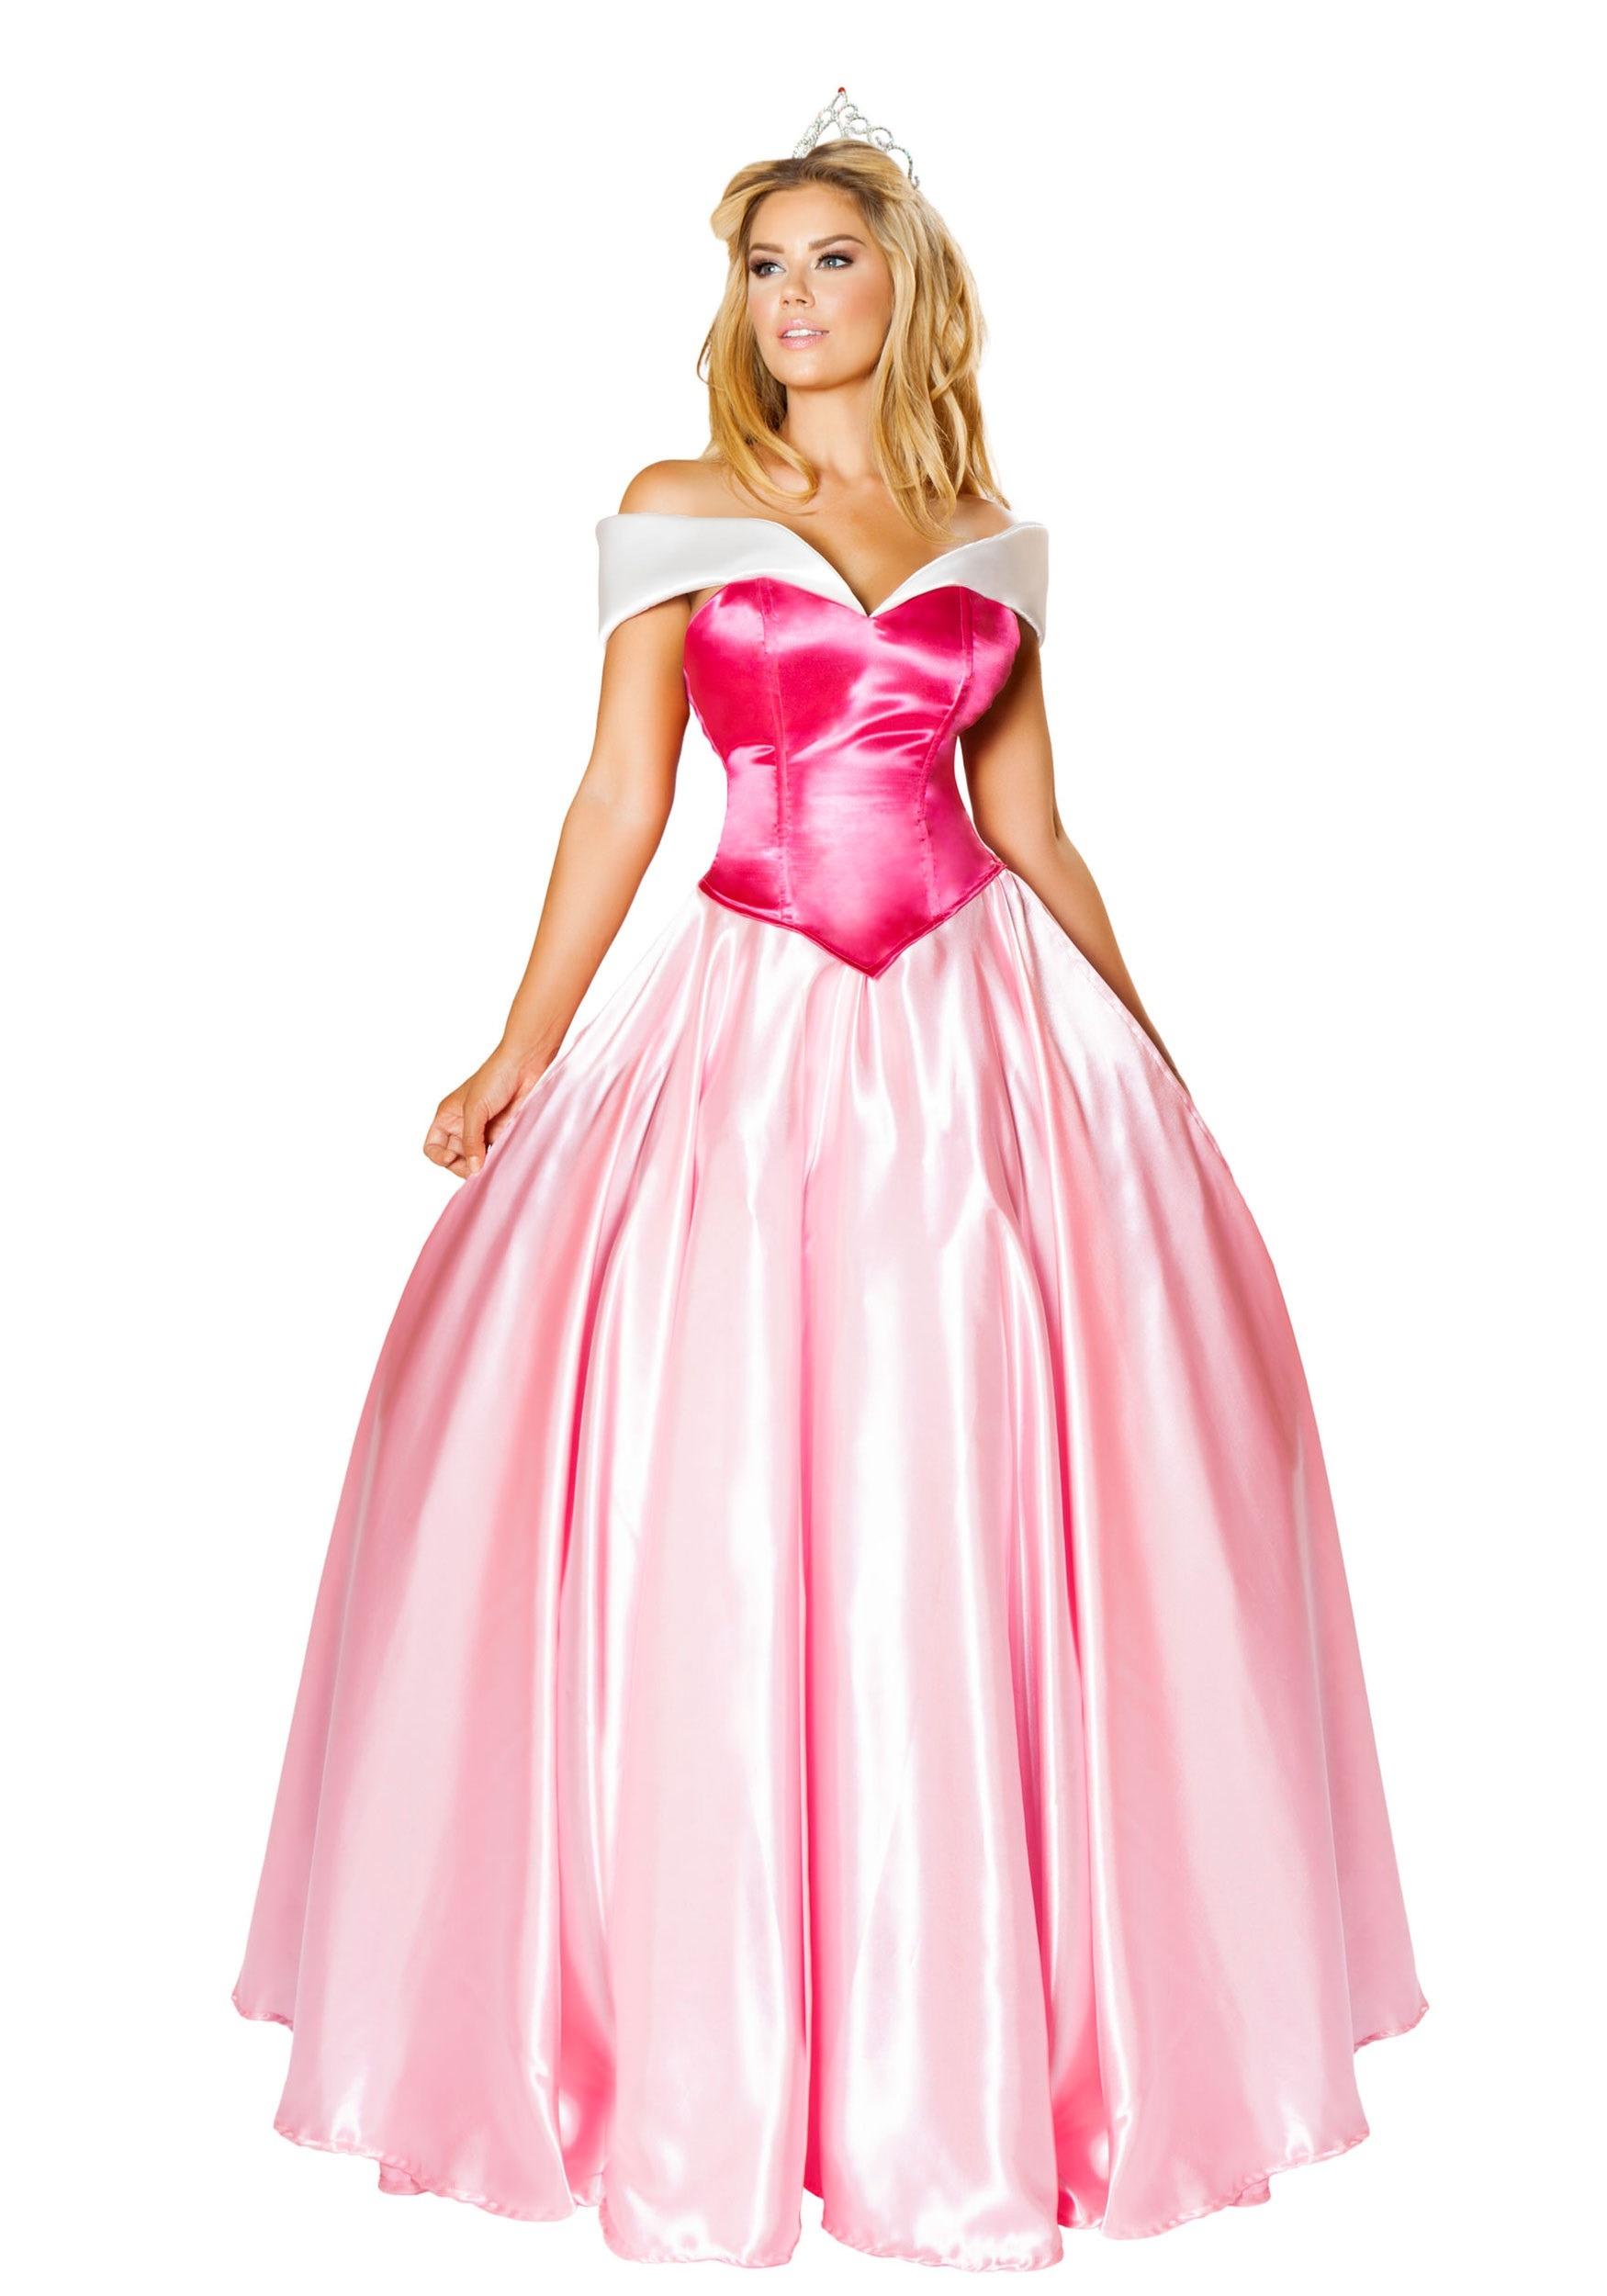 Princess Dress Girls' Clothing Clothing valresa.com